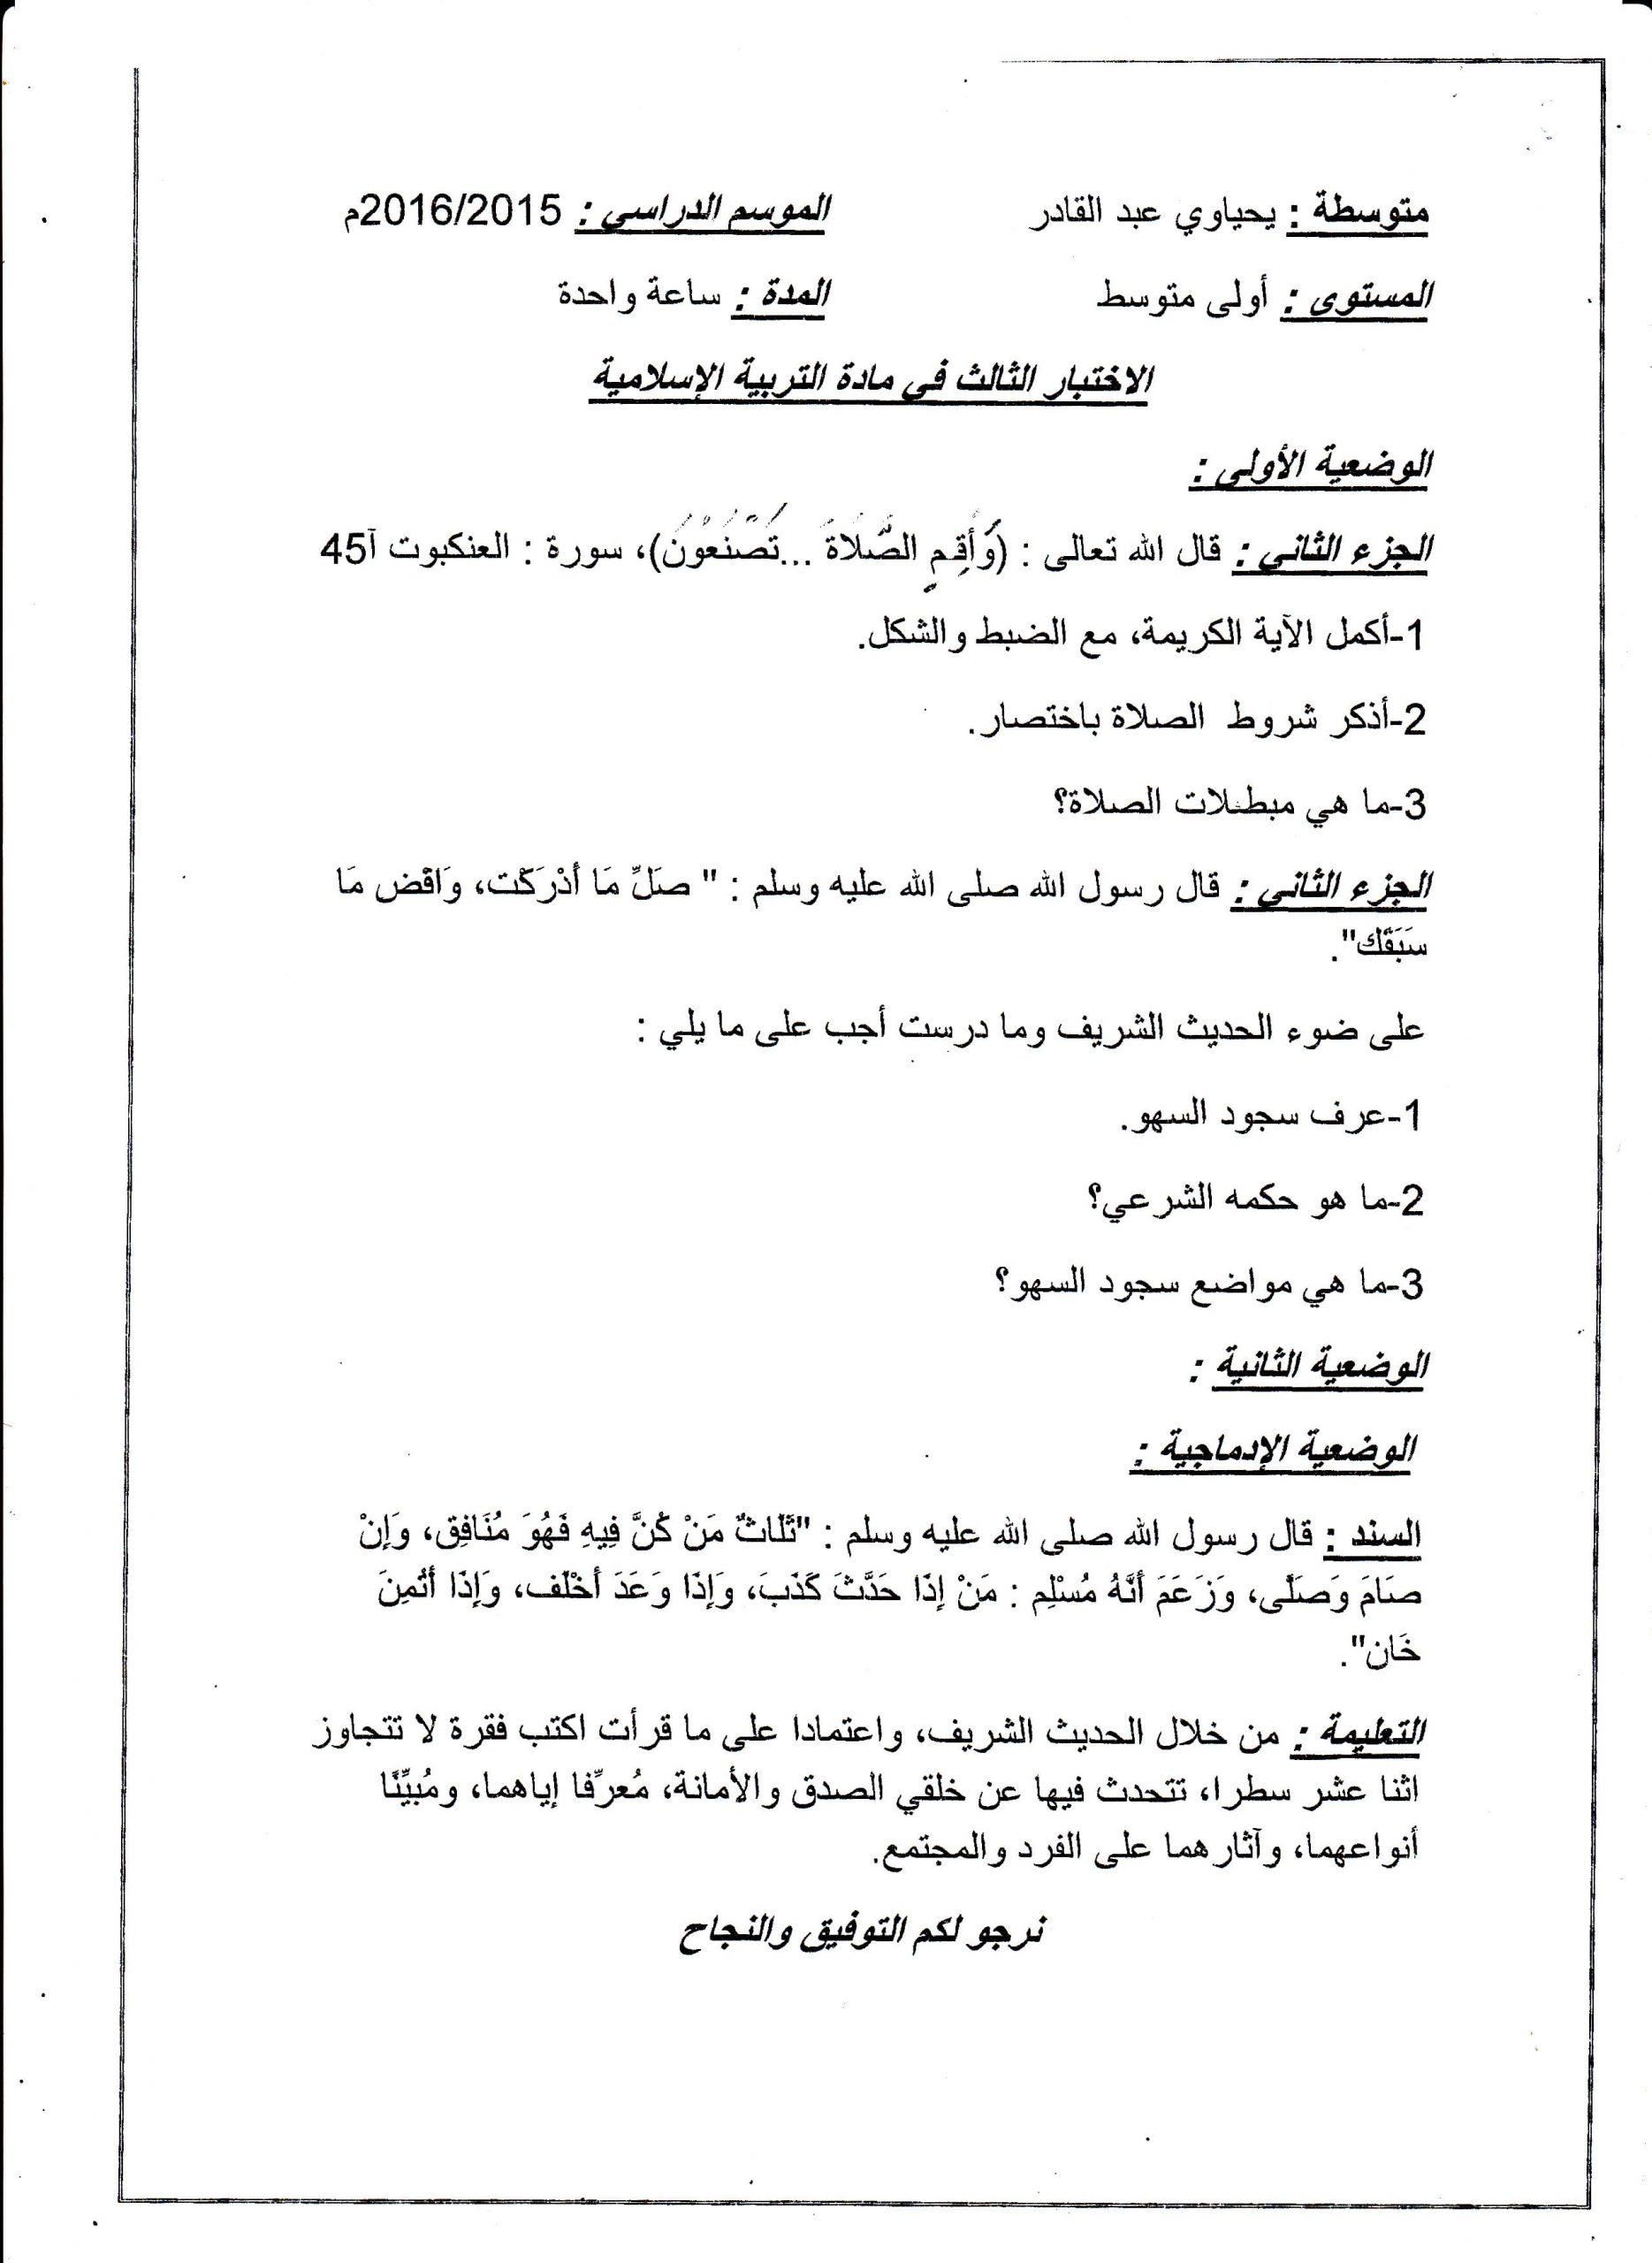 اختبار الفصل الثالث في التربية الاسلامية للسنة الأولى متوسط - الموضوع 04